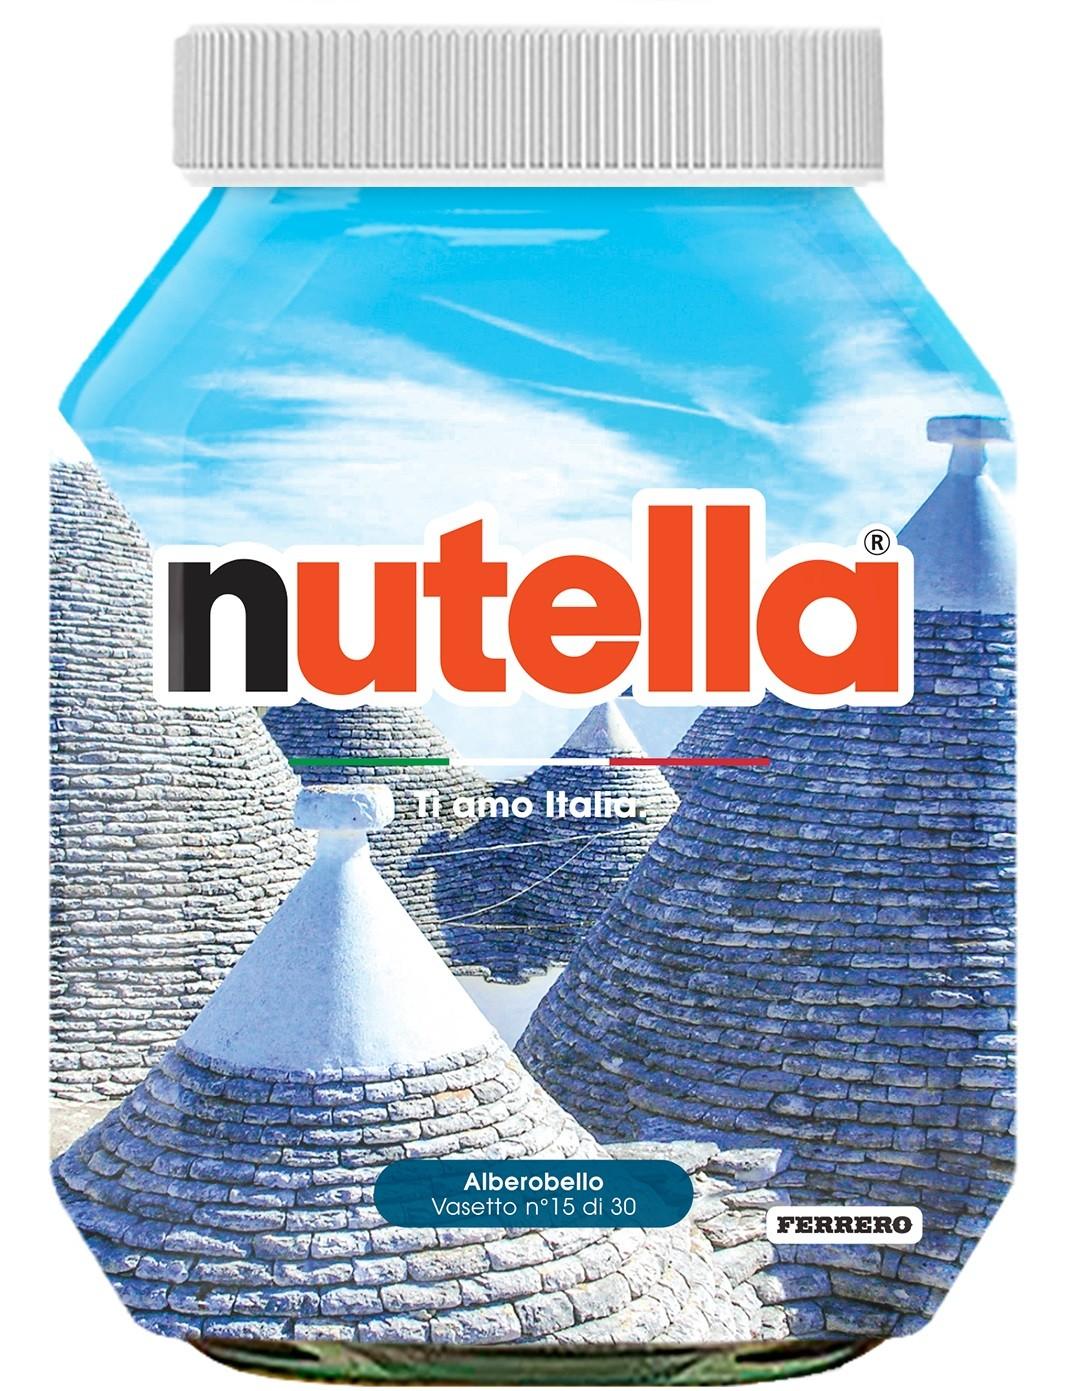 Nutella 15 Puglia Alberobello